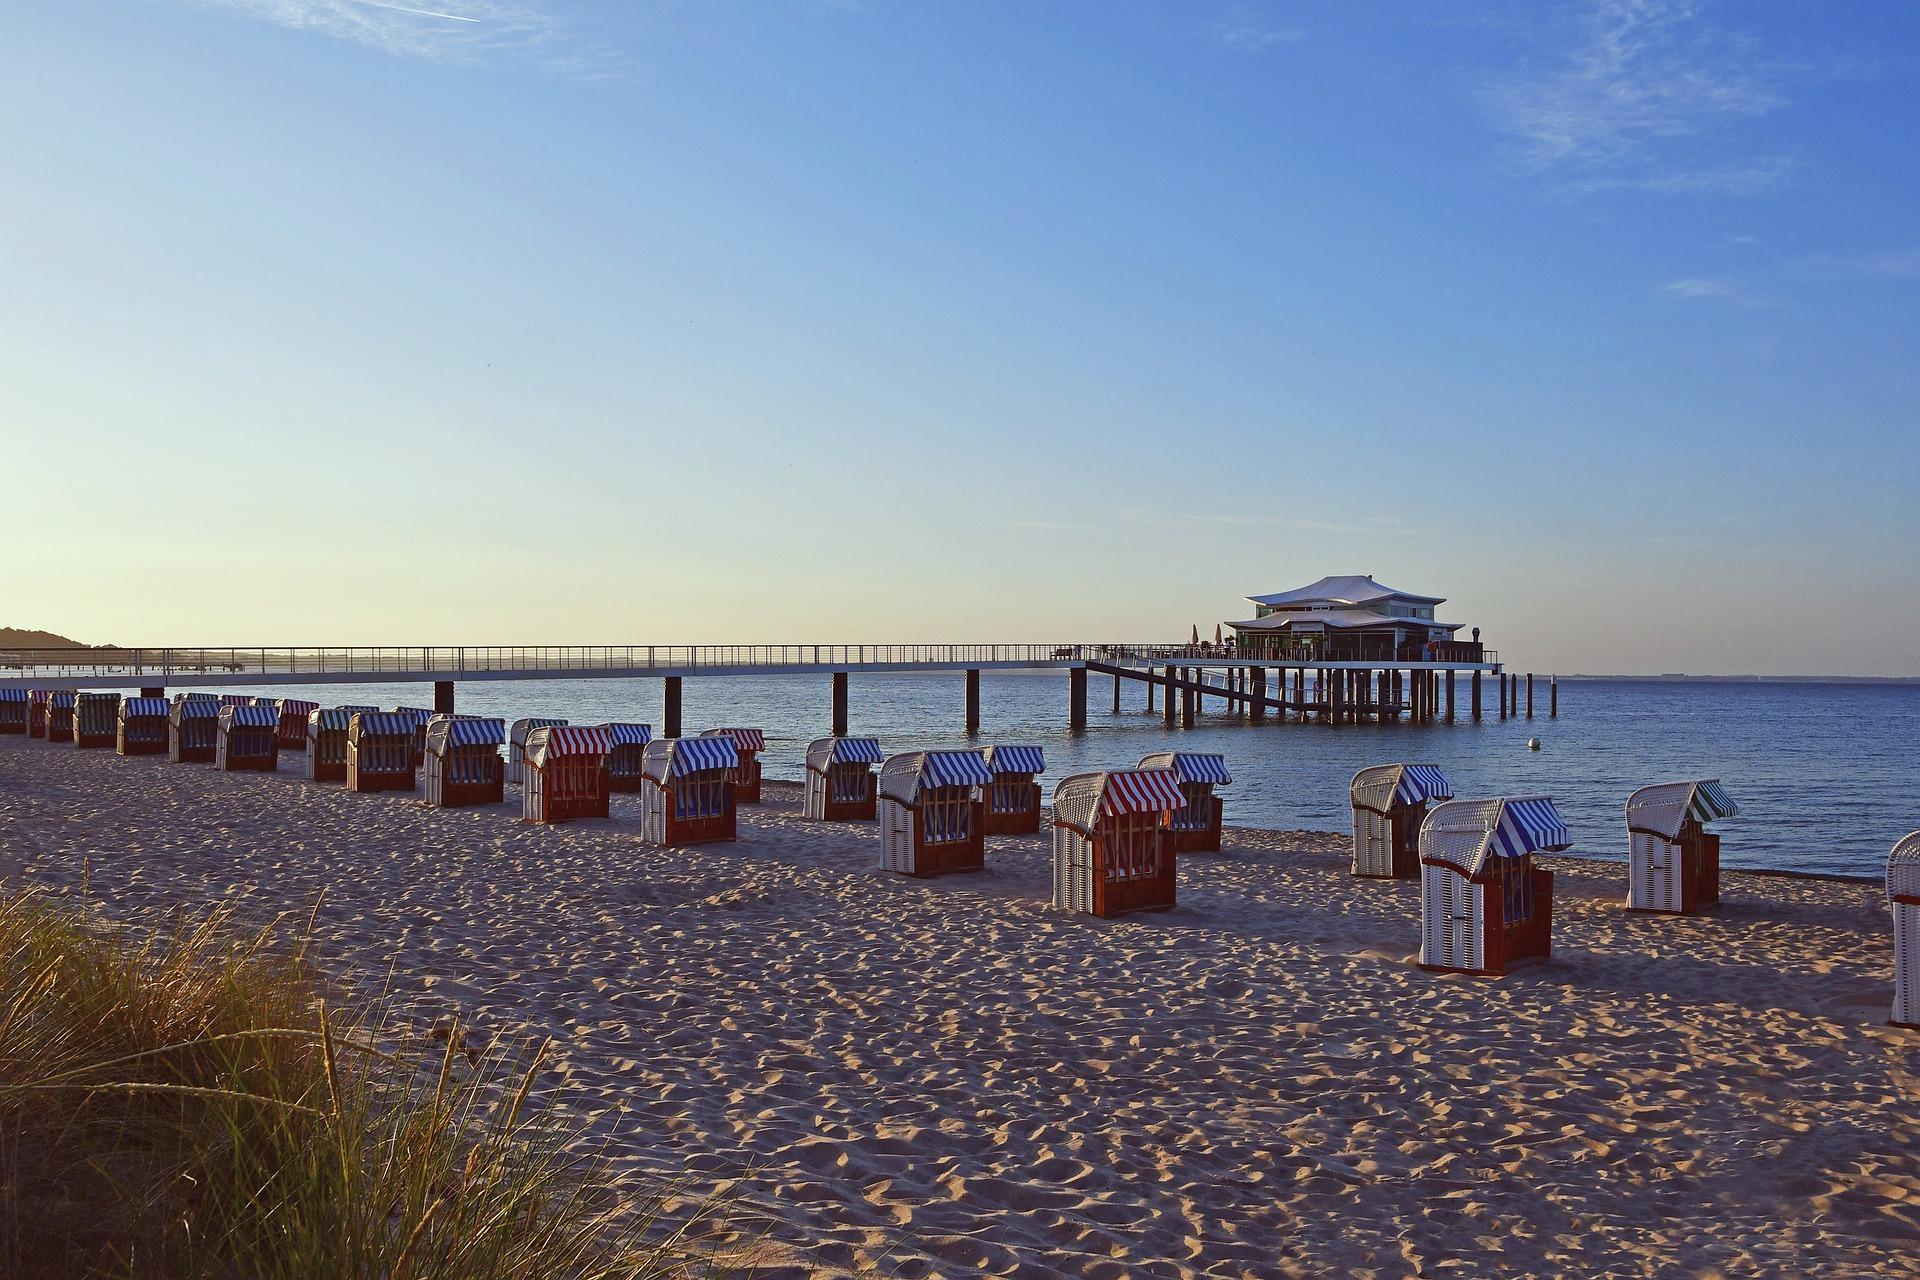 Zu den wichtigsten Orten auf der Ostseeinsel Poel gehört der Timmendorfer Strand